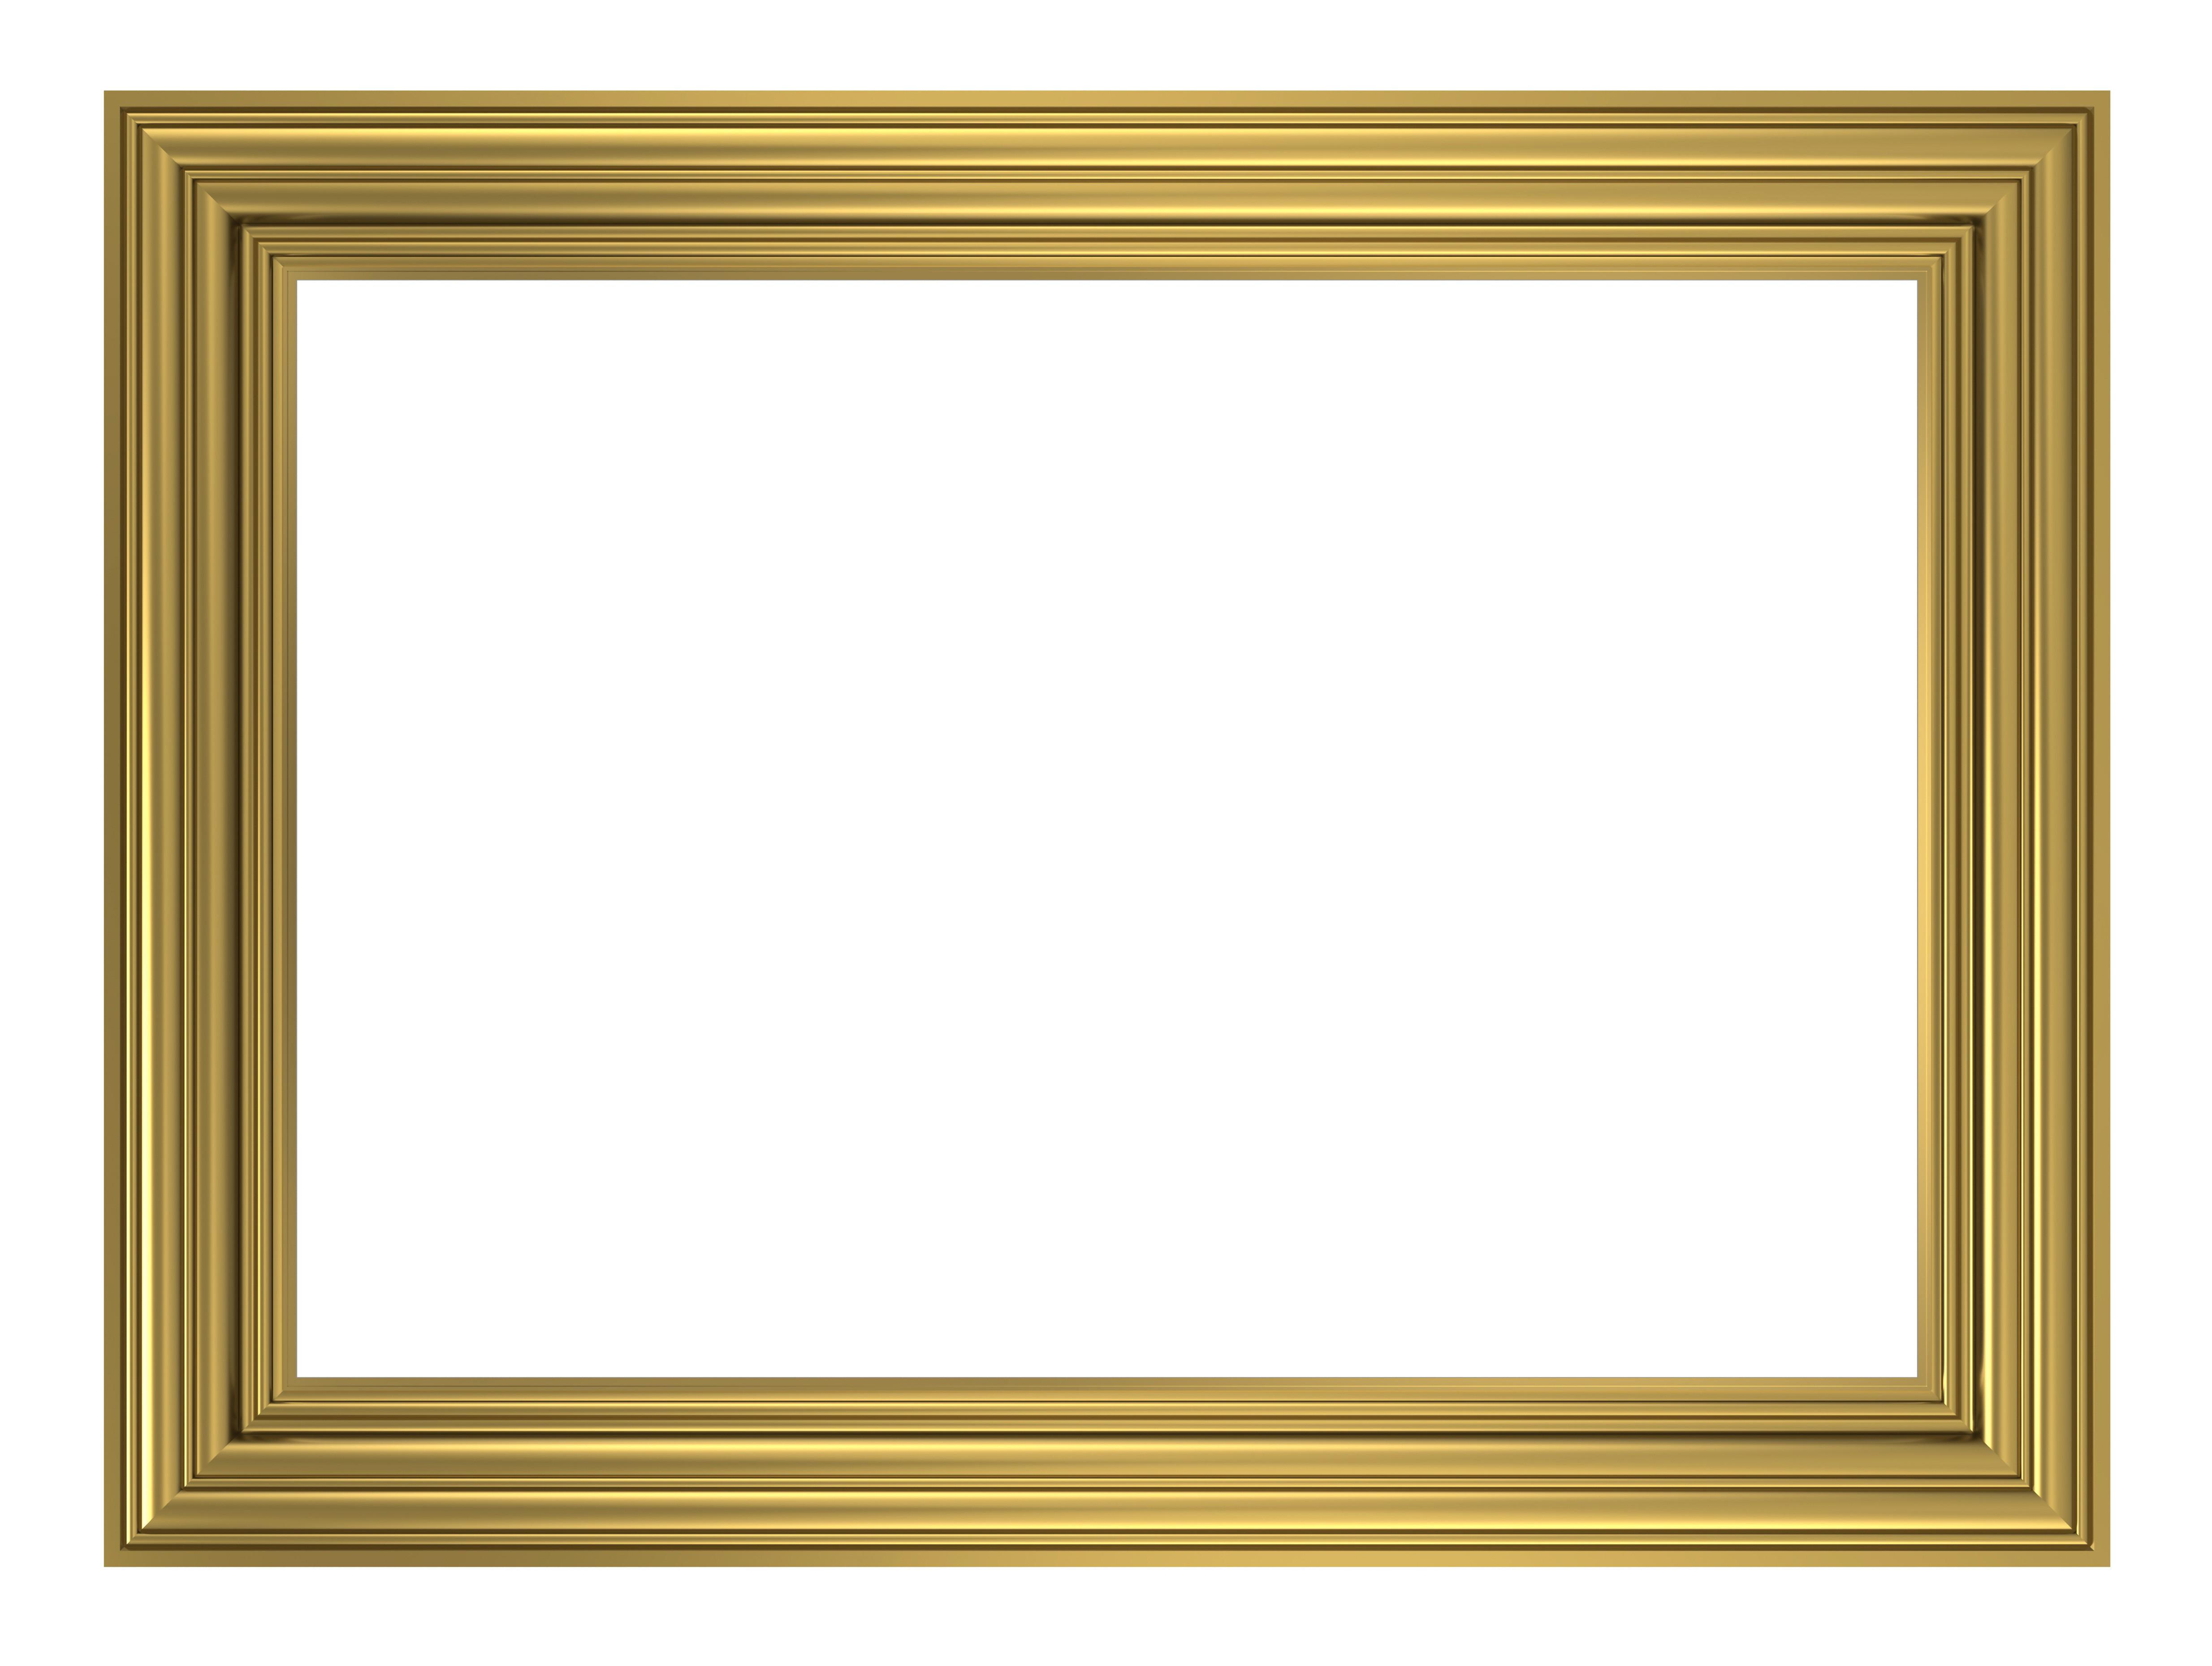 Gold frame isolated on white background.   Wedding ...